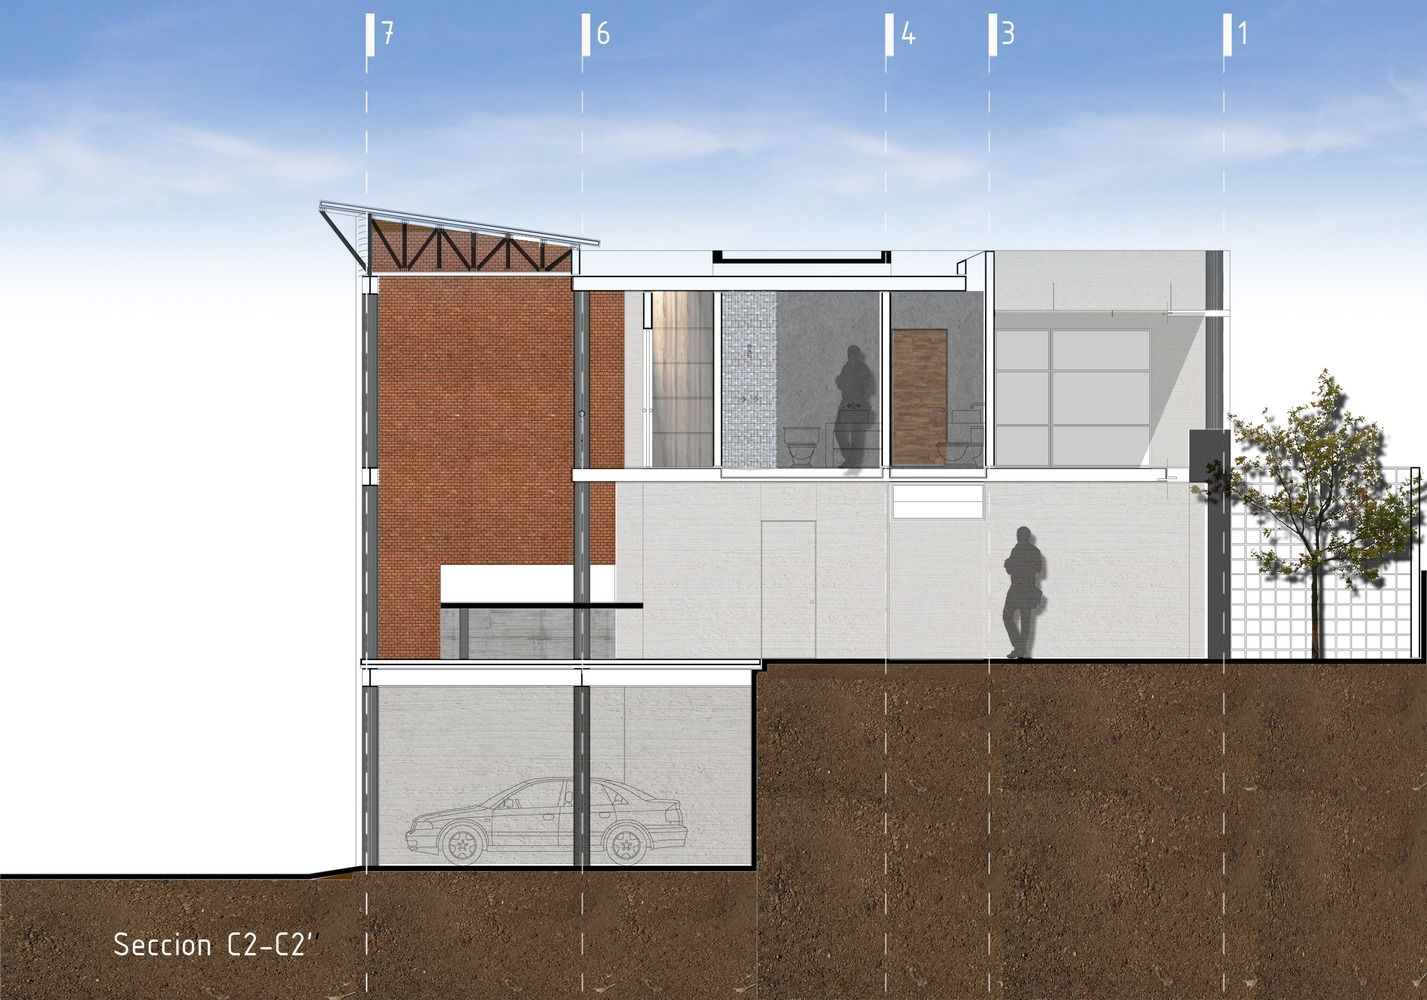 Casa EF, Cuernavaca, México - GBF Taller de Arquitectura - © Luis Gordoa